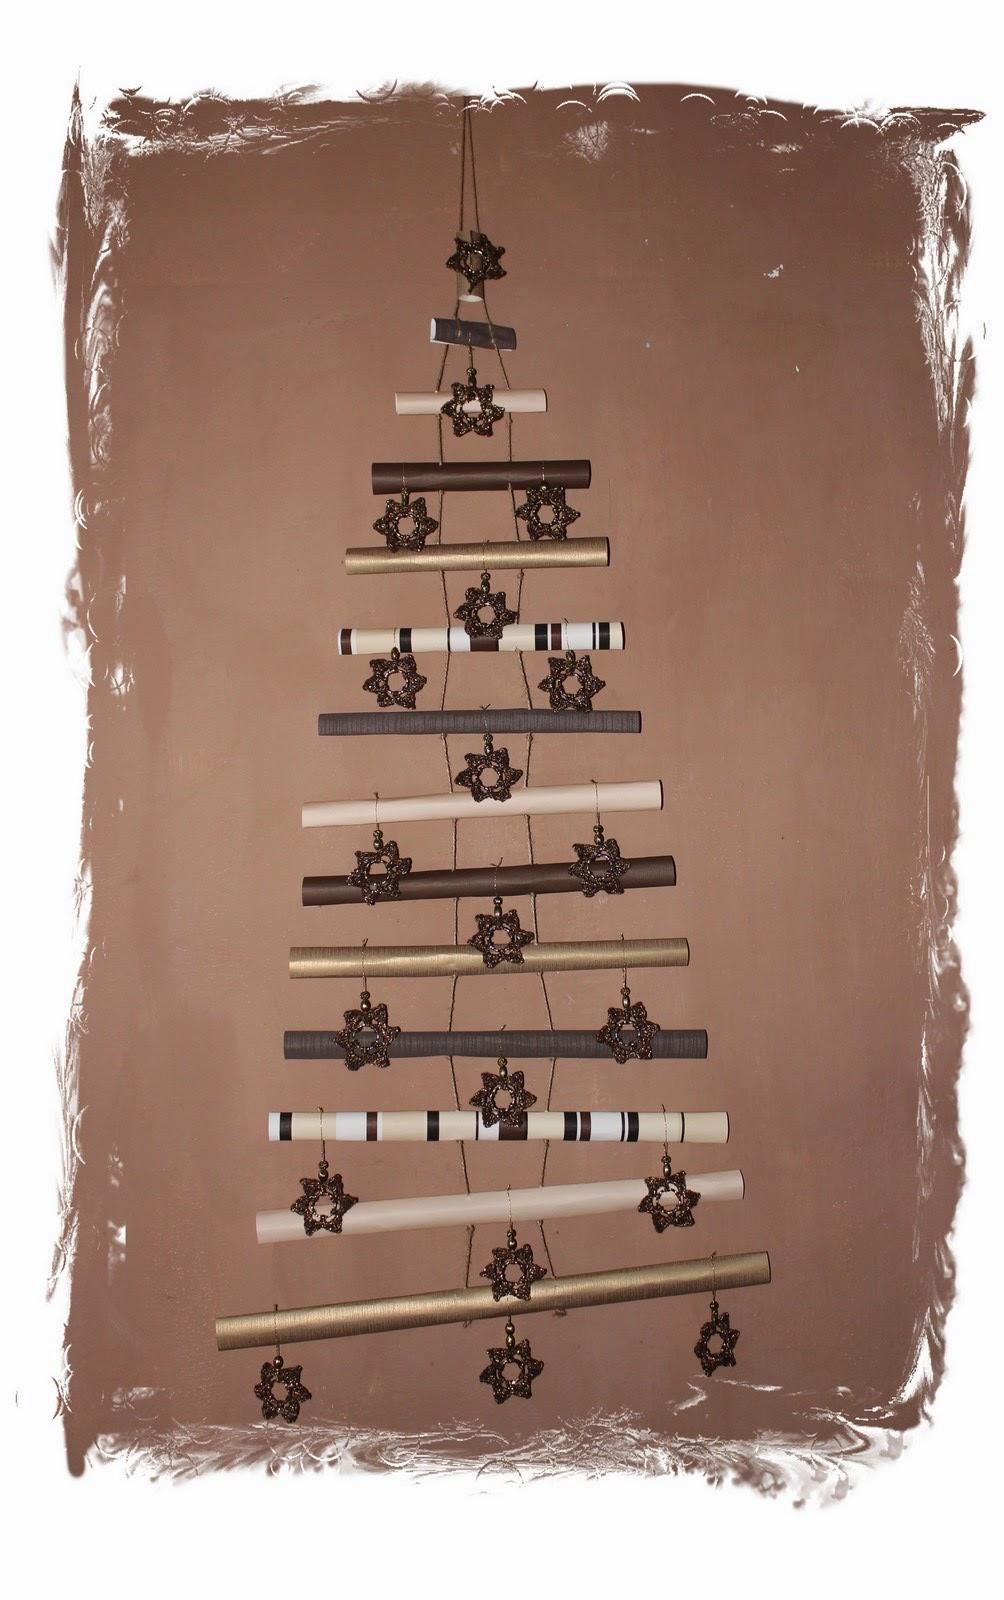 fast zum nulltarif tannenbaum wand dekoration 130 cm hoch. Black Bedroom Furniture Sets. Home Design Ideas